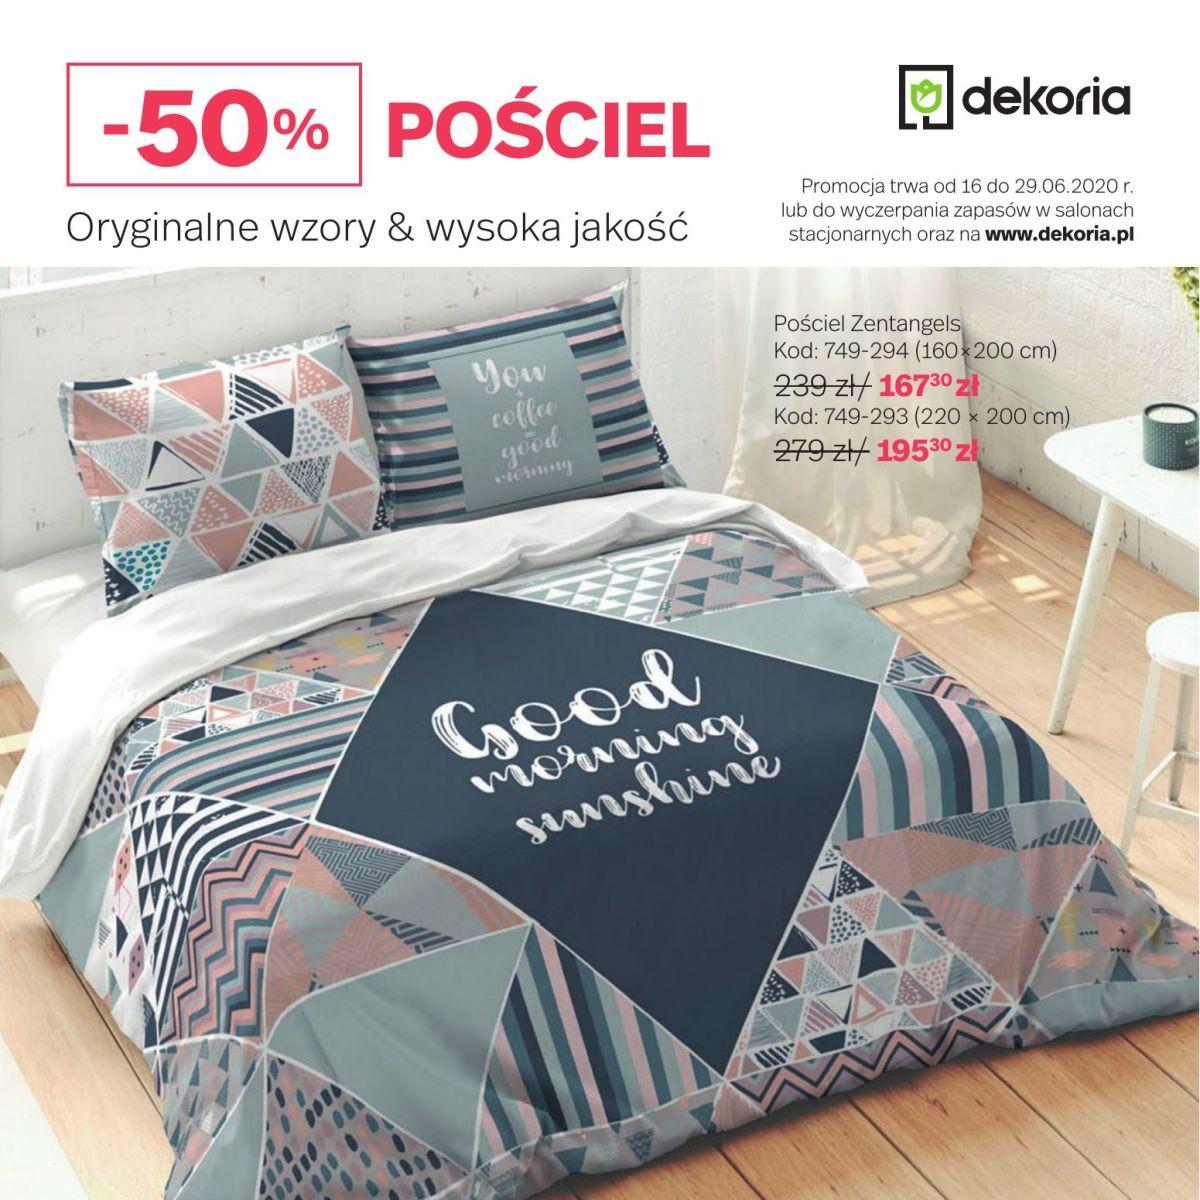 Gazetka dekoria - Pościel -50%